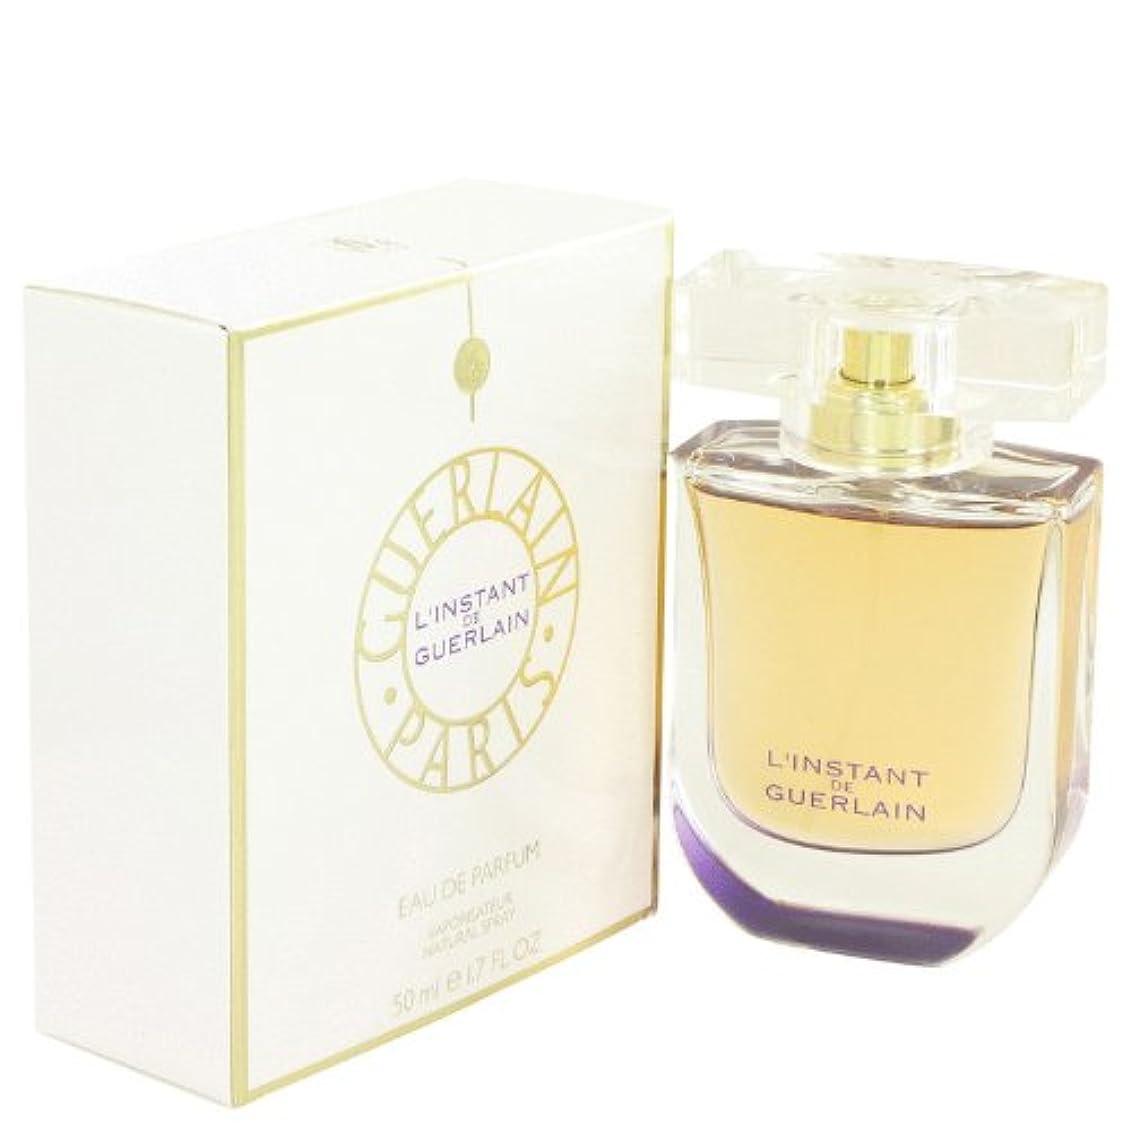 技術者支店回転させるL'instant by Guerlain Eau De Parfum Spray 50 ml [並行輸入品]